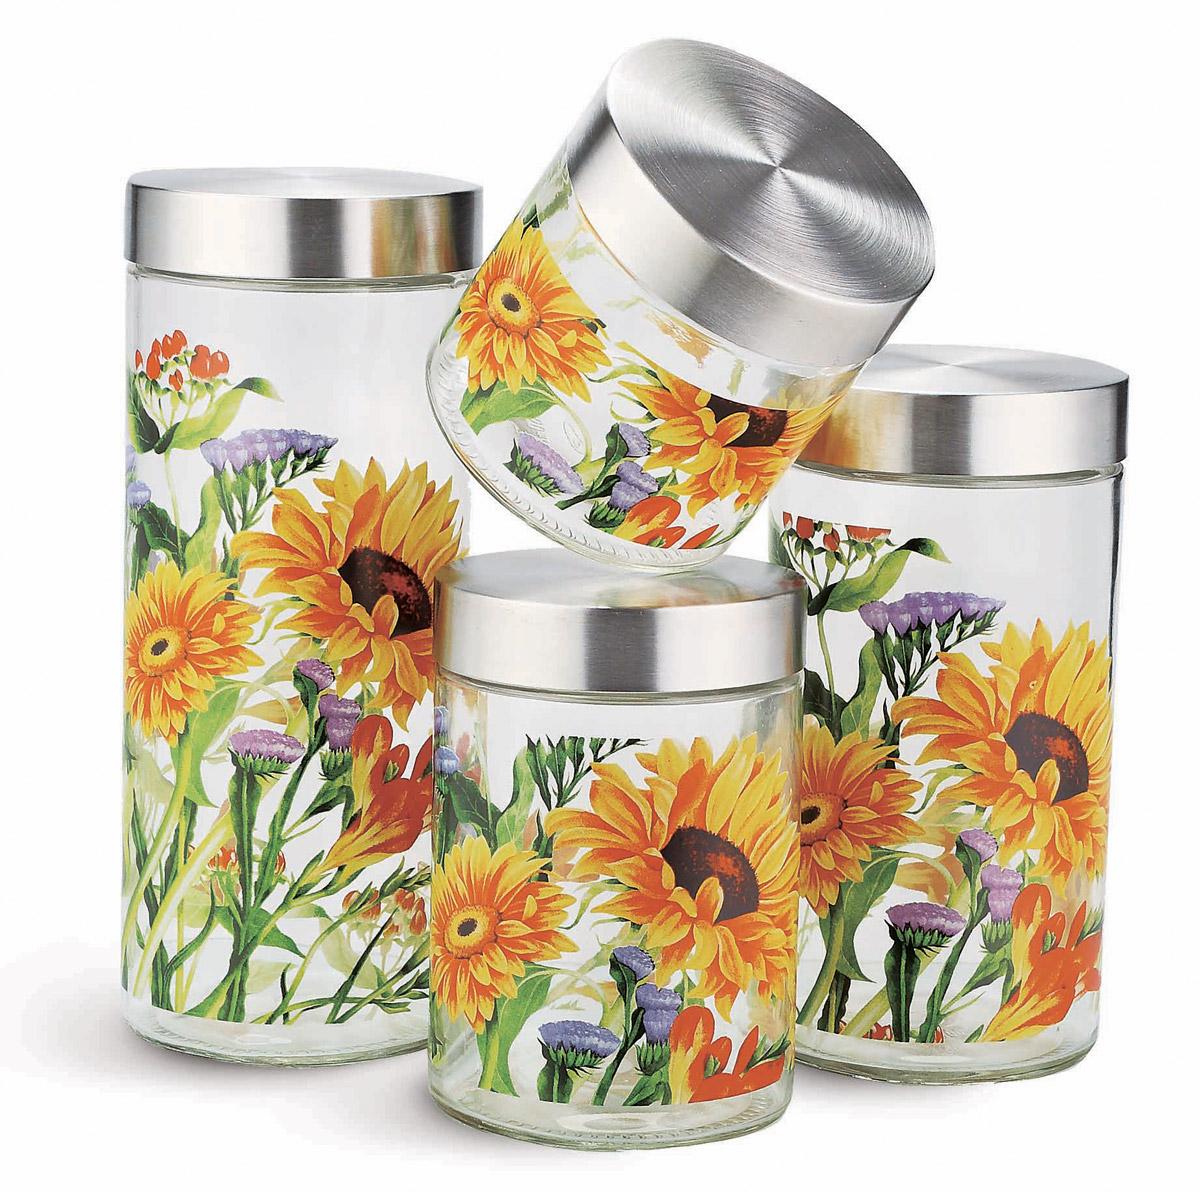 Набор емкостей для хранения продуктов SinoGlass, 4 предмета9209A404 pcs storage jar set